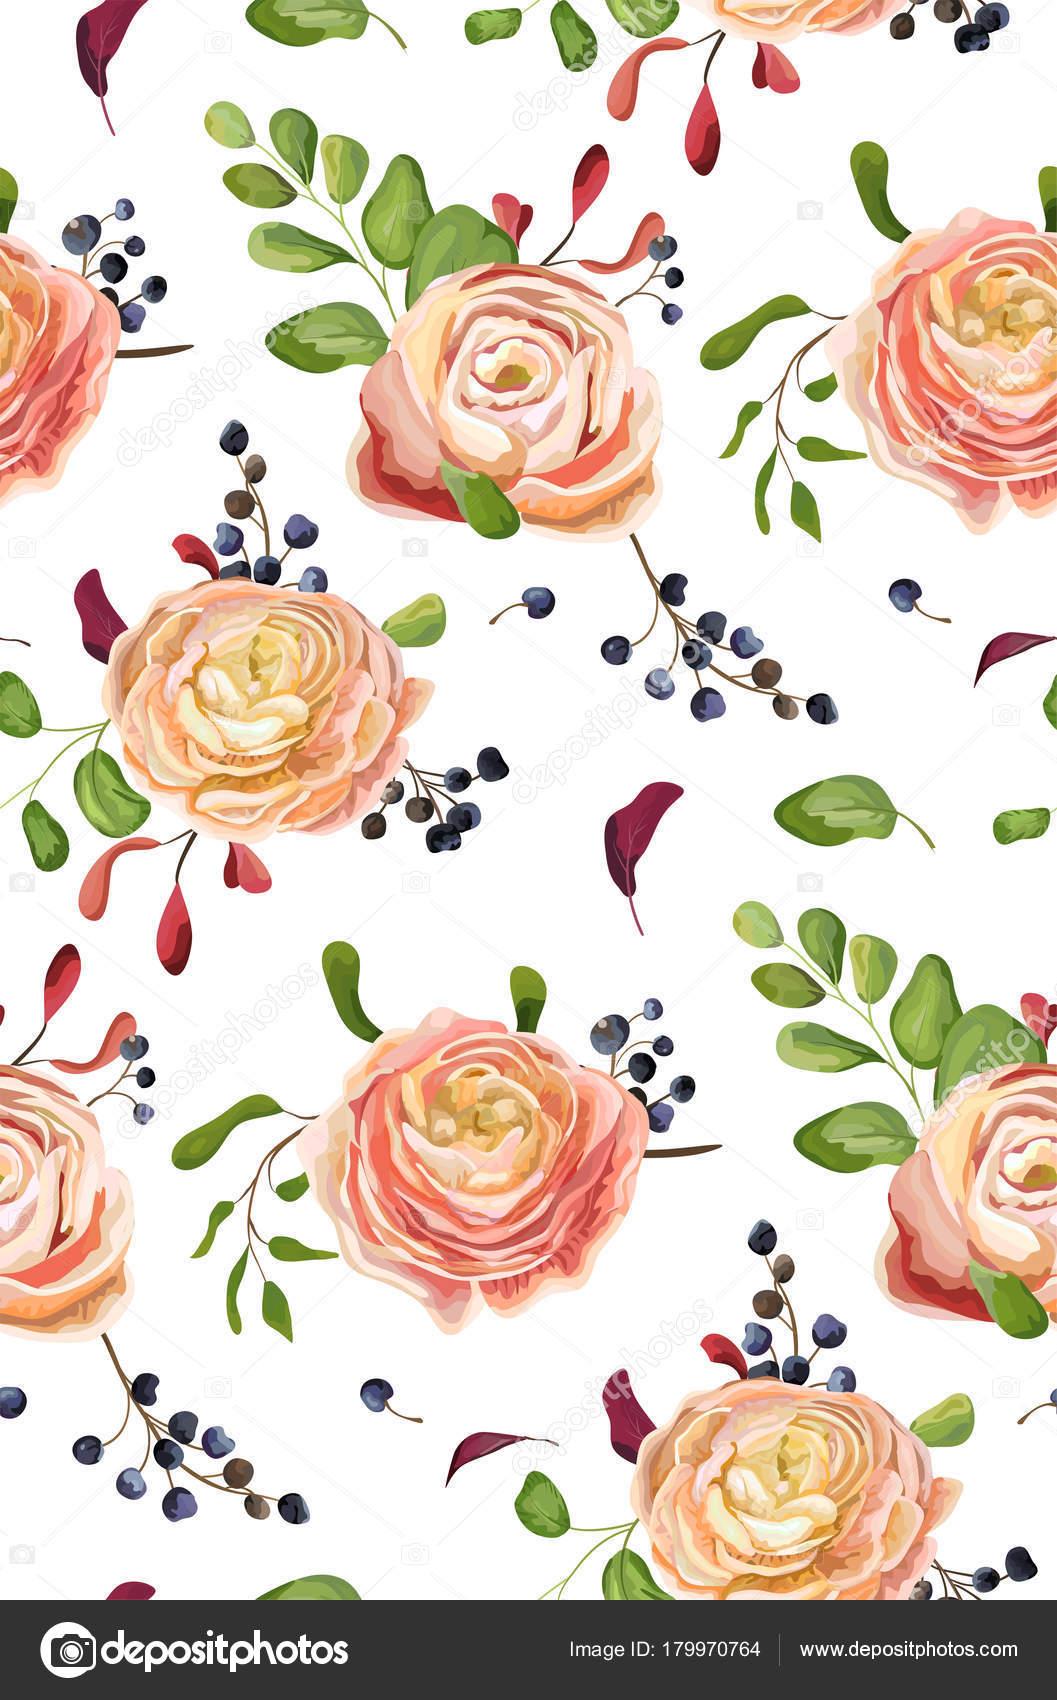 Vektor nahtlose Blumenmuster rosa rose Ranunkeln Blumen, grünen Farn ...